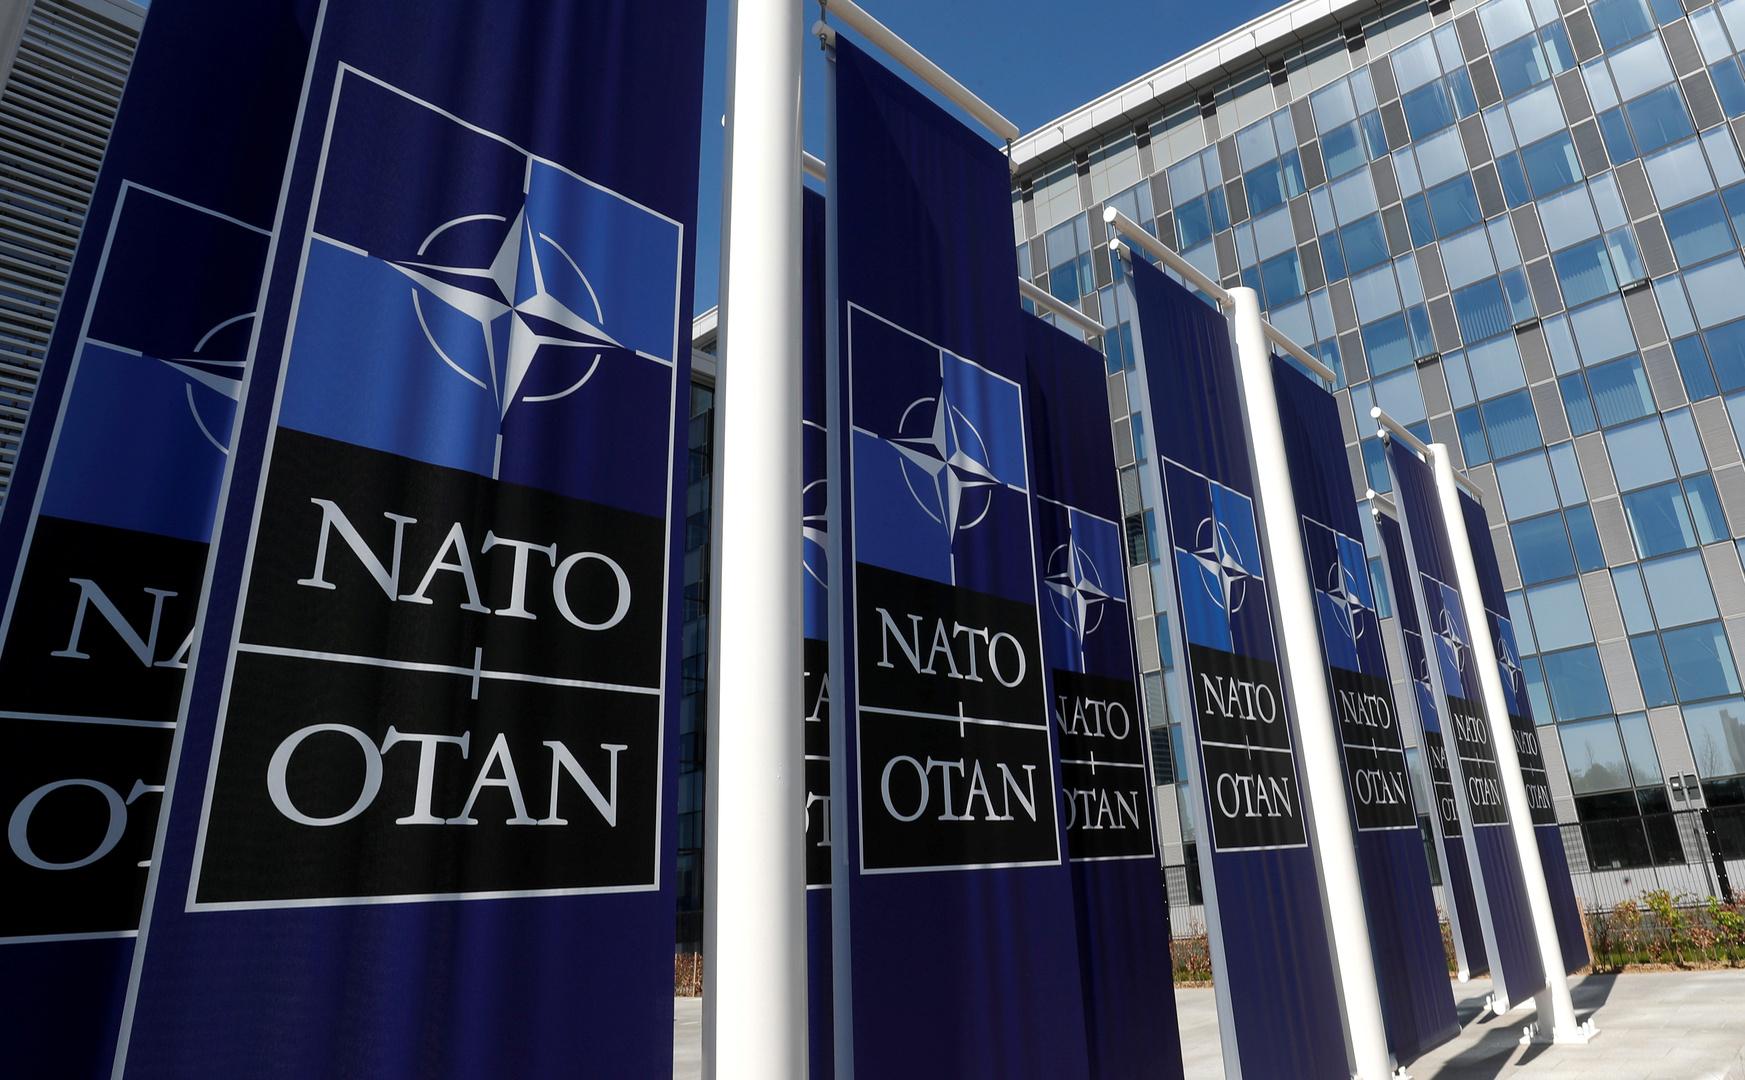 وزراء خارجية دول الناتو يبحثون استراتيجية الحلف والعمل في أفغانستان والعراق